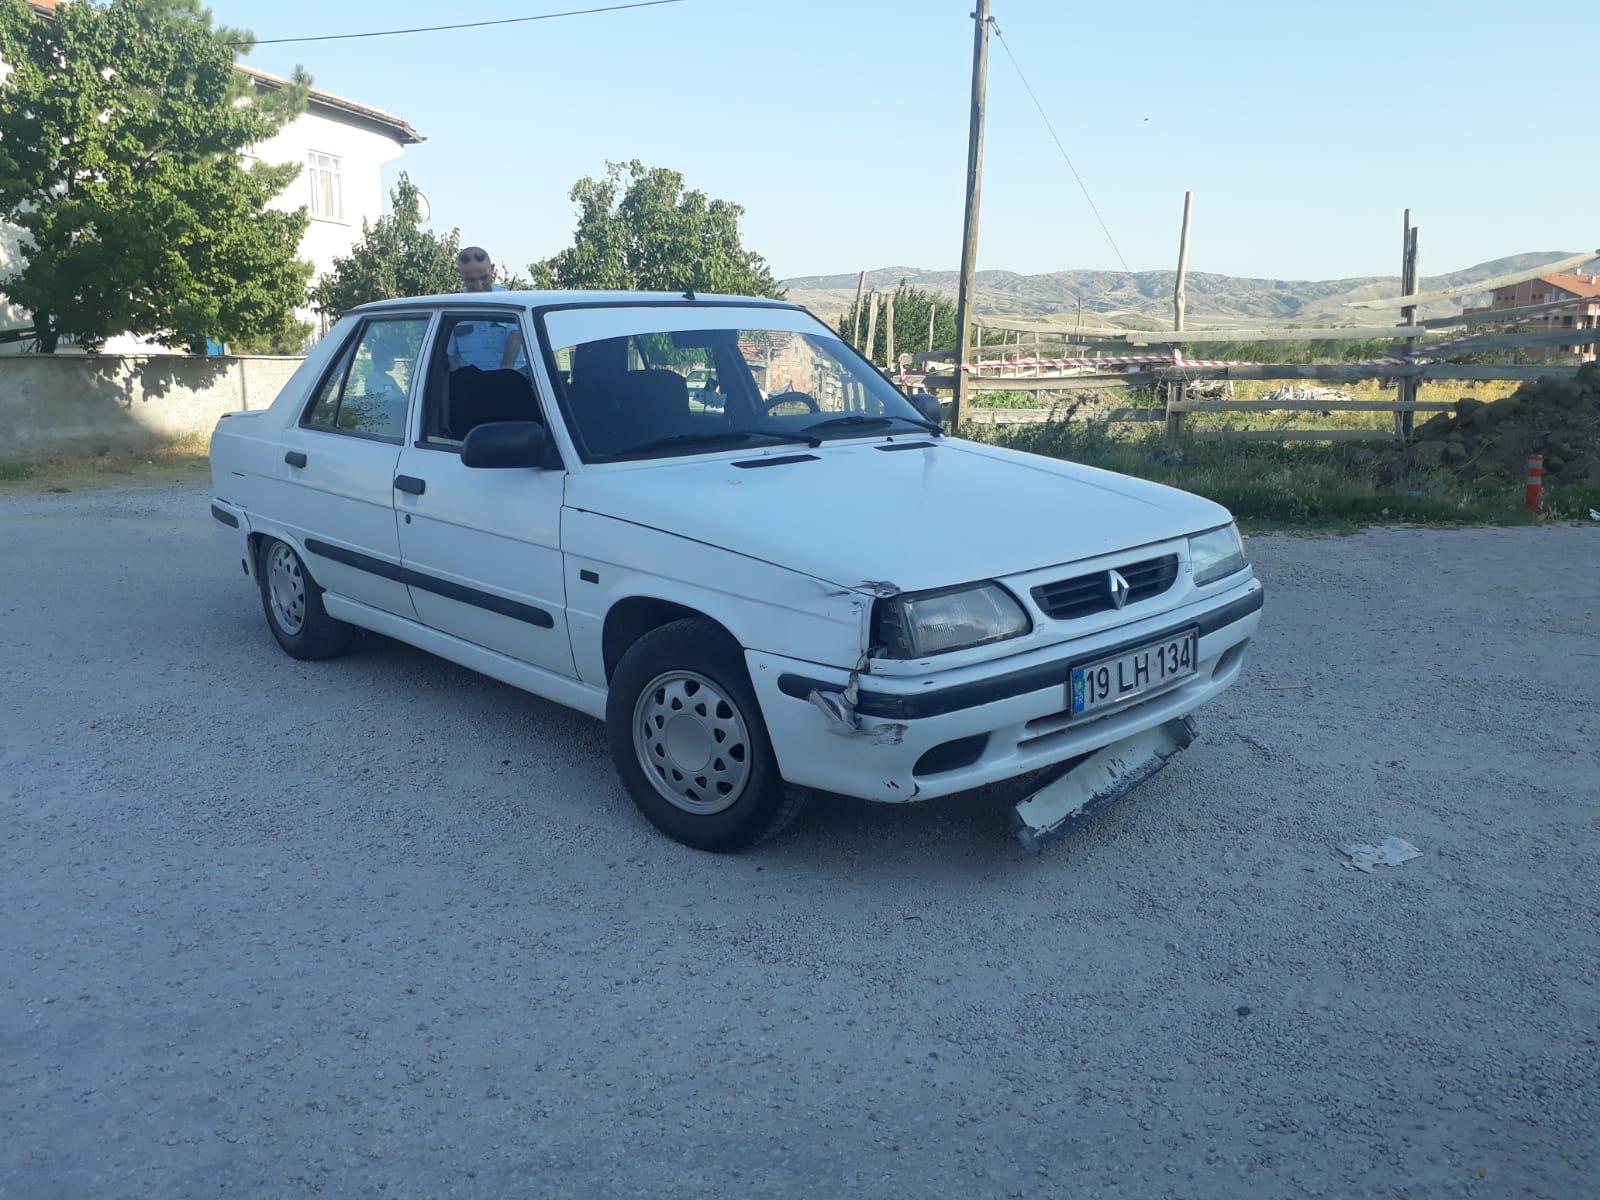 Edinilen bilgilere göre kaza Hacettepe Mahallesi Fatih Cami önünde meydana geldi. A.D. yönetimindeki 19 LH 134 plakalı otomobil,B.K. yönetimindeki 19 SD 908 plakalı motosiklete çarptı. | Sungurlu Haber